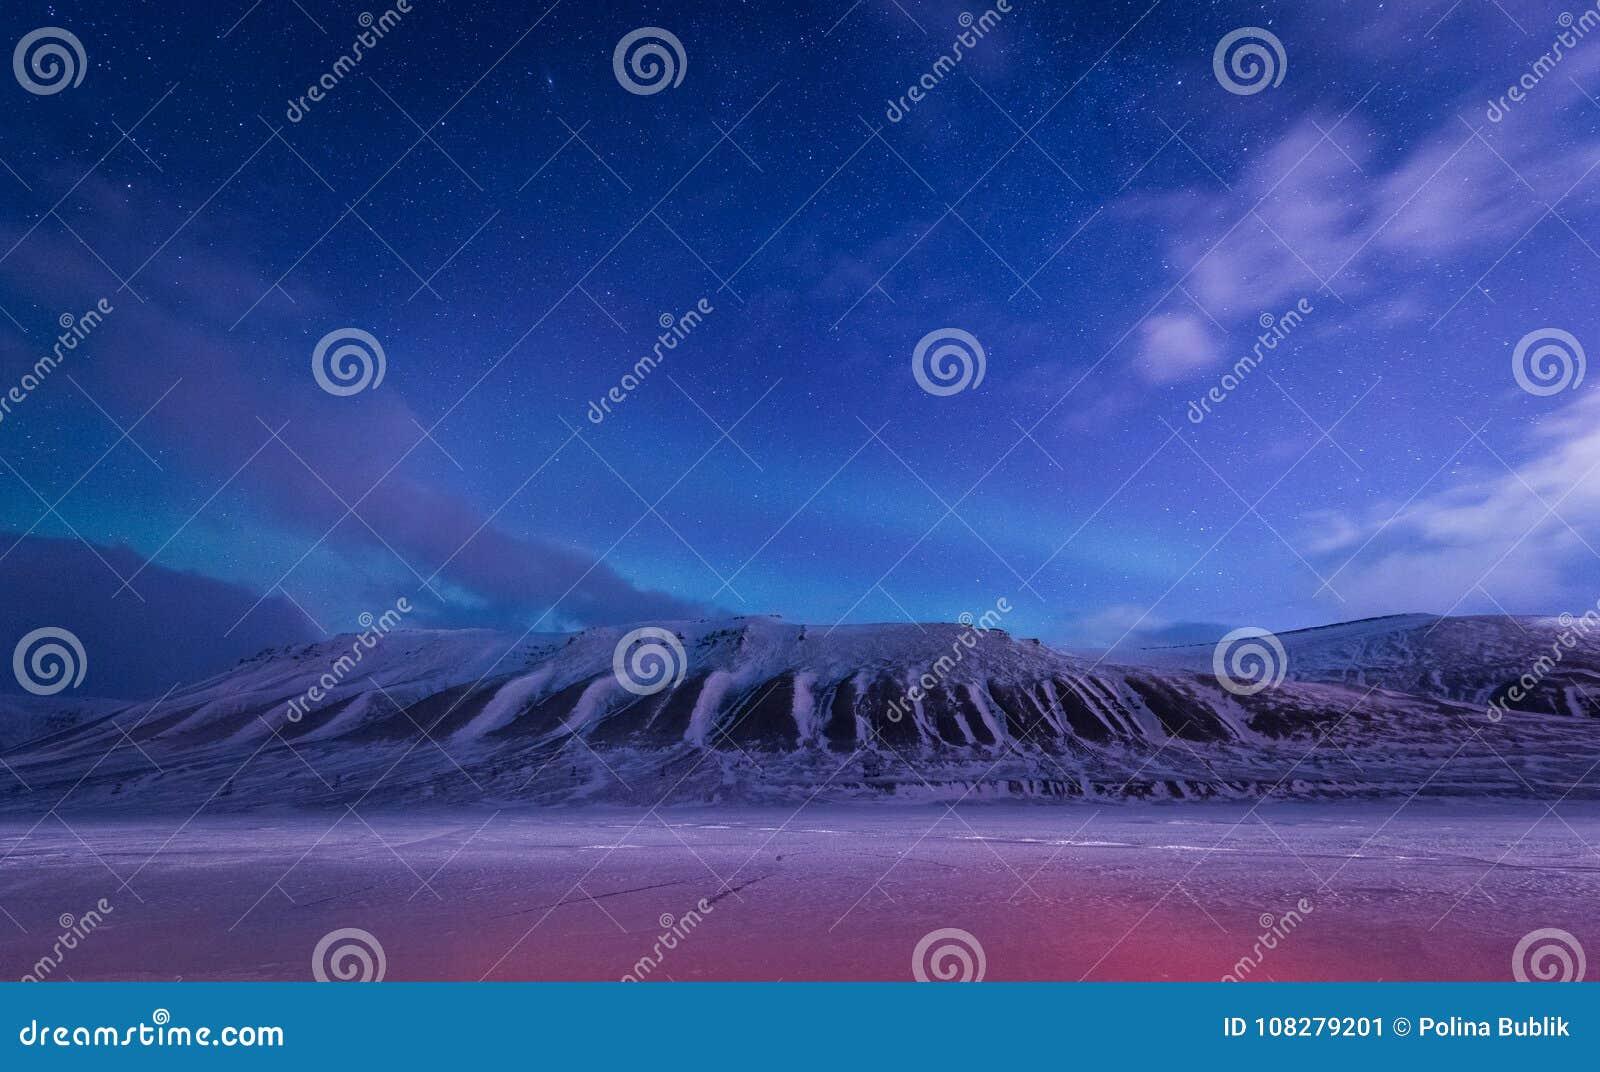 Wallpaper la naturaleza del paisaje de Noruega de las montañas de la ciudad de la nieve del edificio de Spitsbergen Longyearbyen